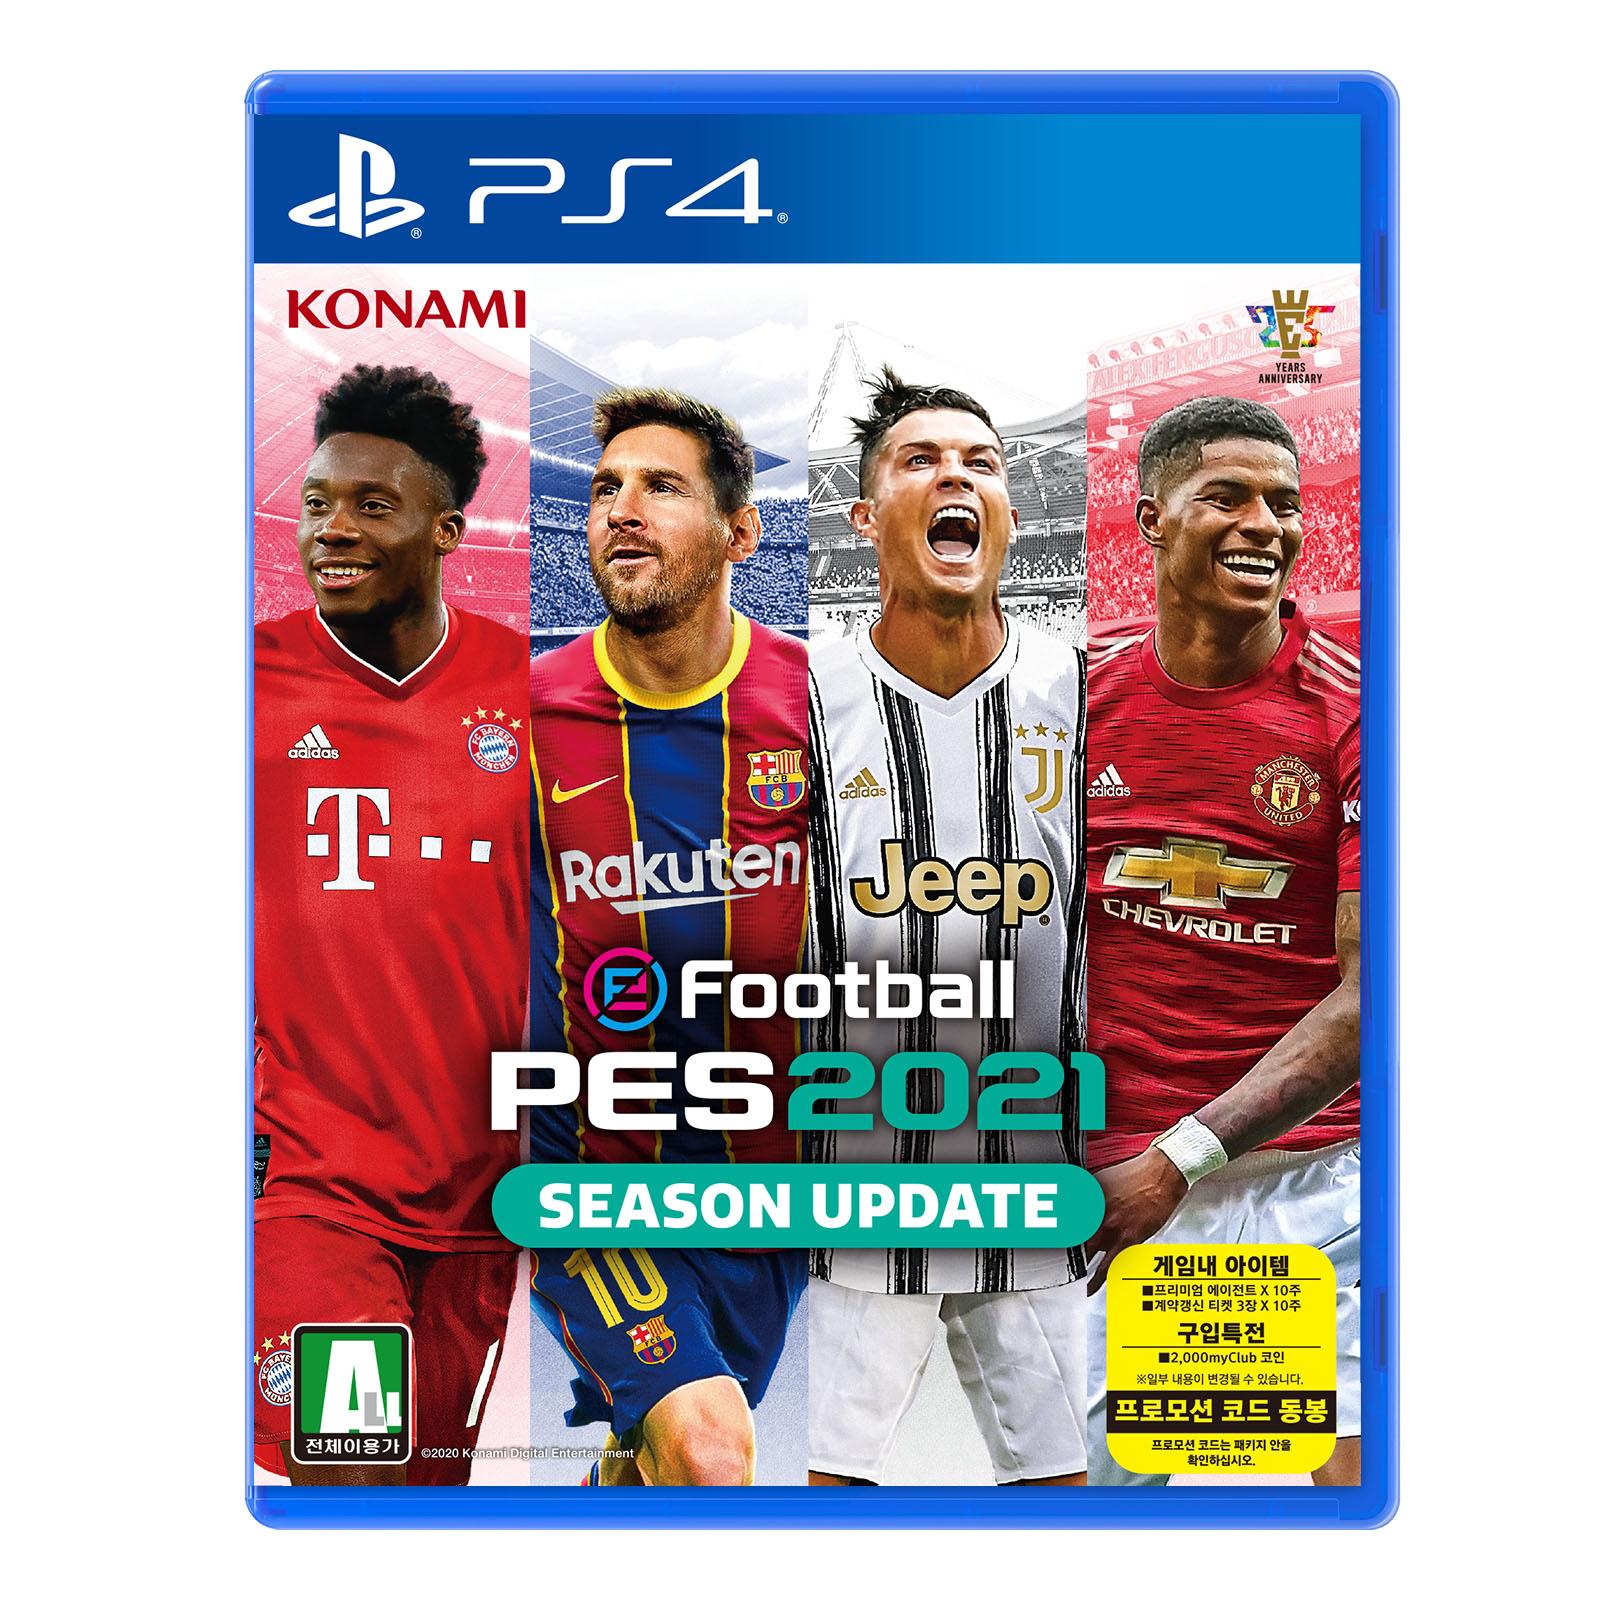 코나미 PS4 이풋볼 페스 2021 시즌 업데이트 한글판, 단일상품